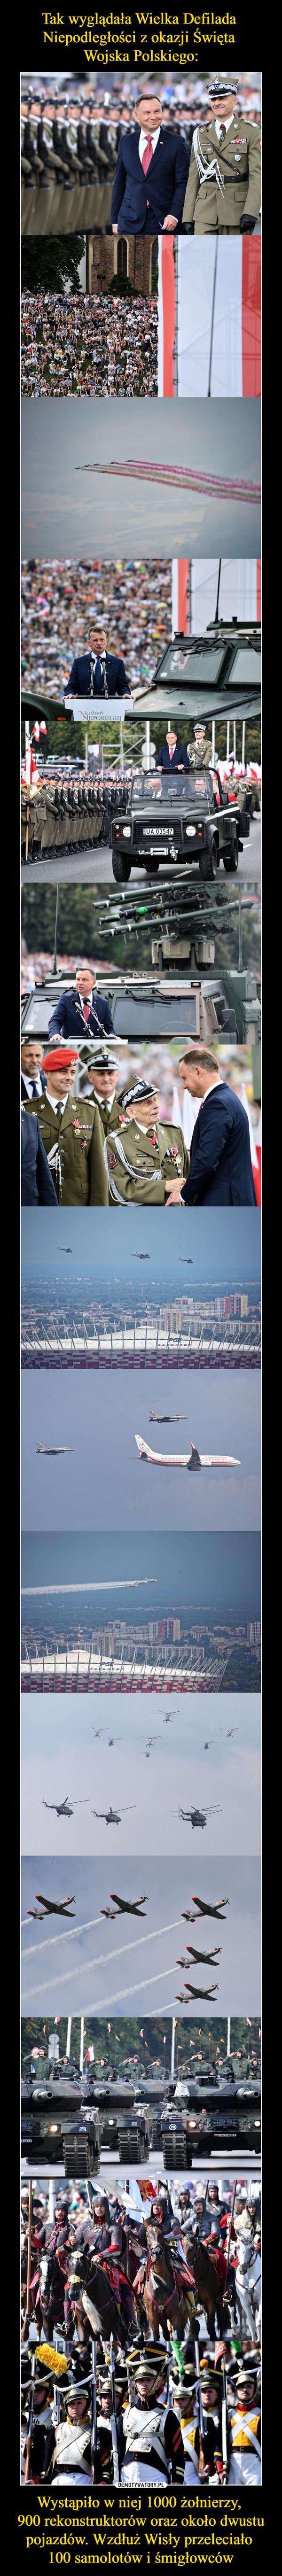 Wystąpiło w niej 1000 żołnierzy, 900 rekonstruktorów oraz około dwustu pojazdów. Wzdłuż Wisły przeleciało 100 samolotów i śmigłowców –